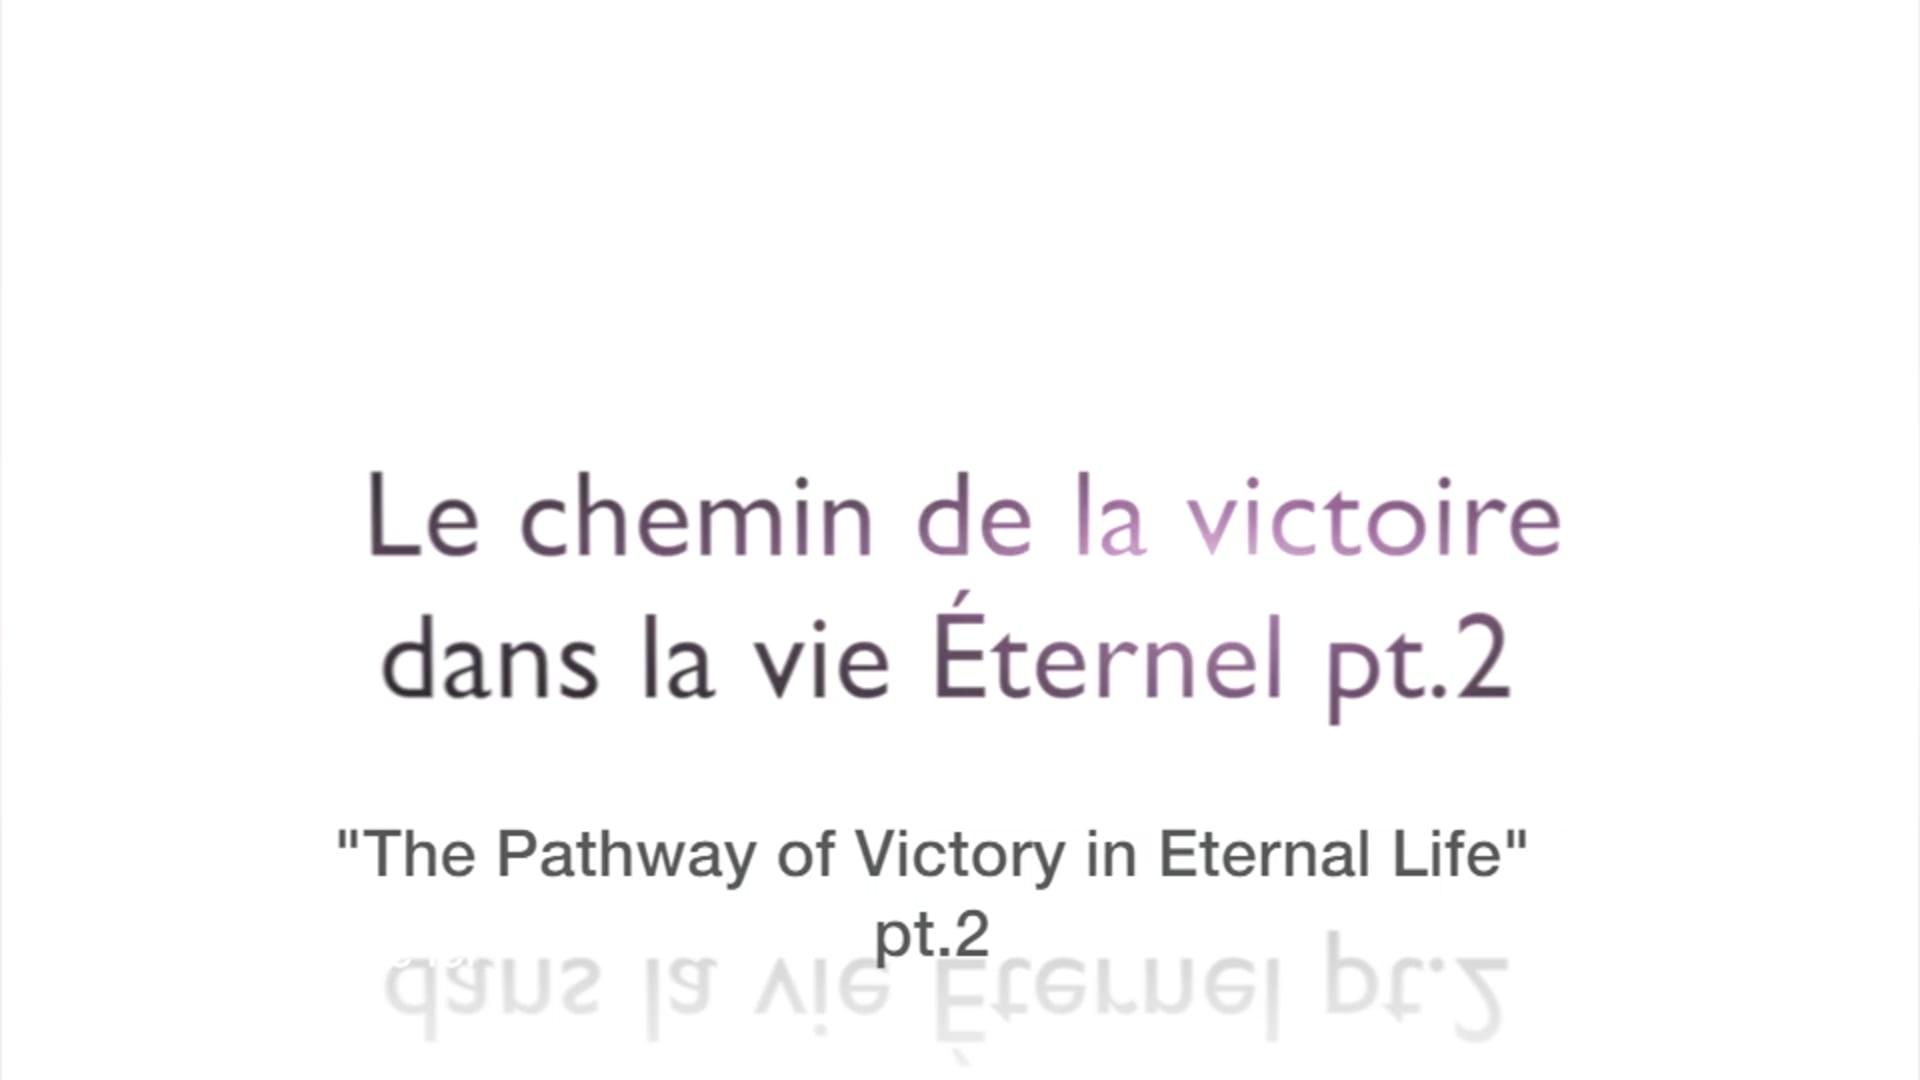 2017-05-20 am - Le chemin de la victoire dans la Vie éternel pt.2